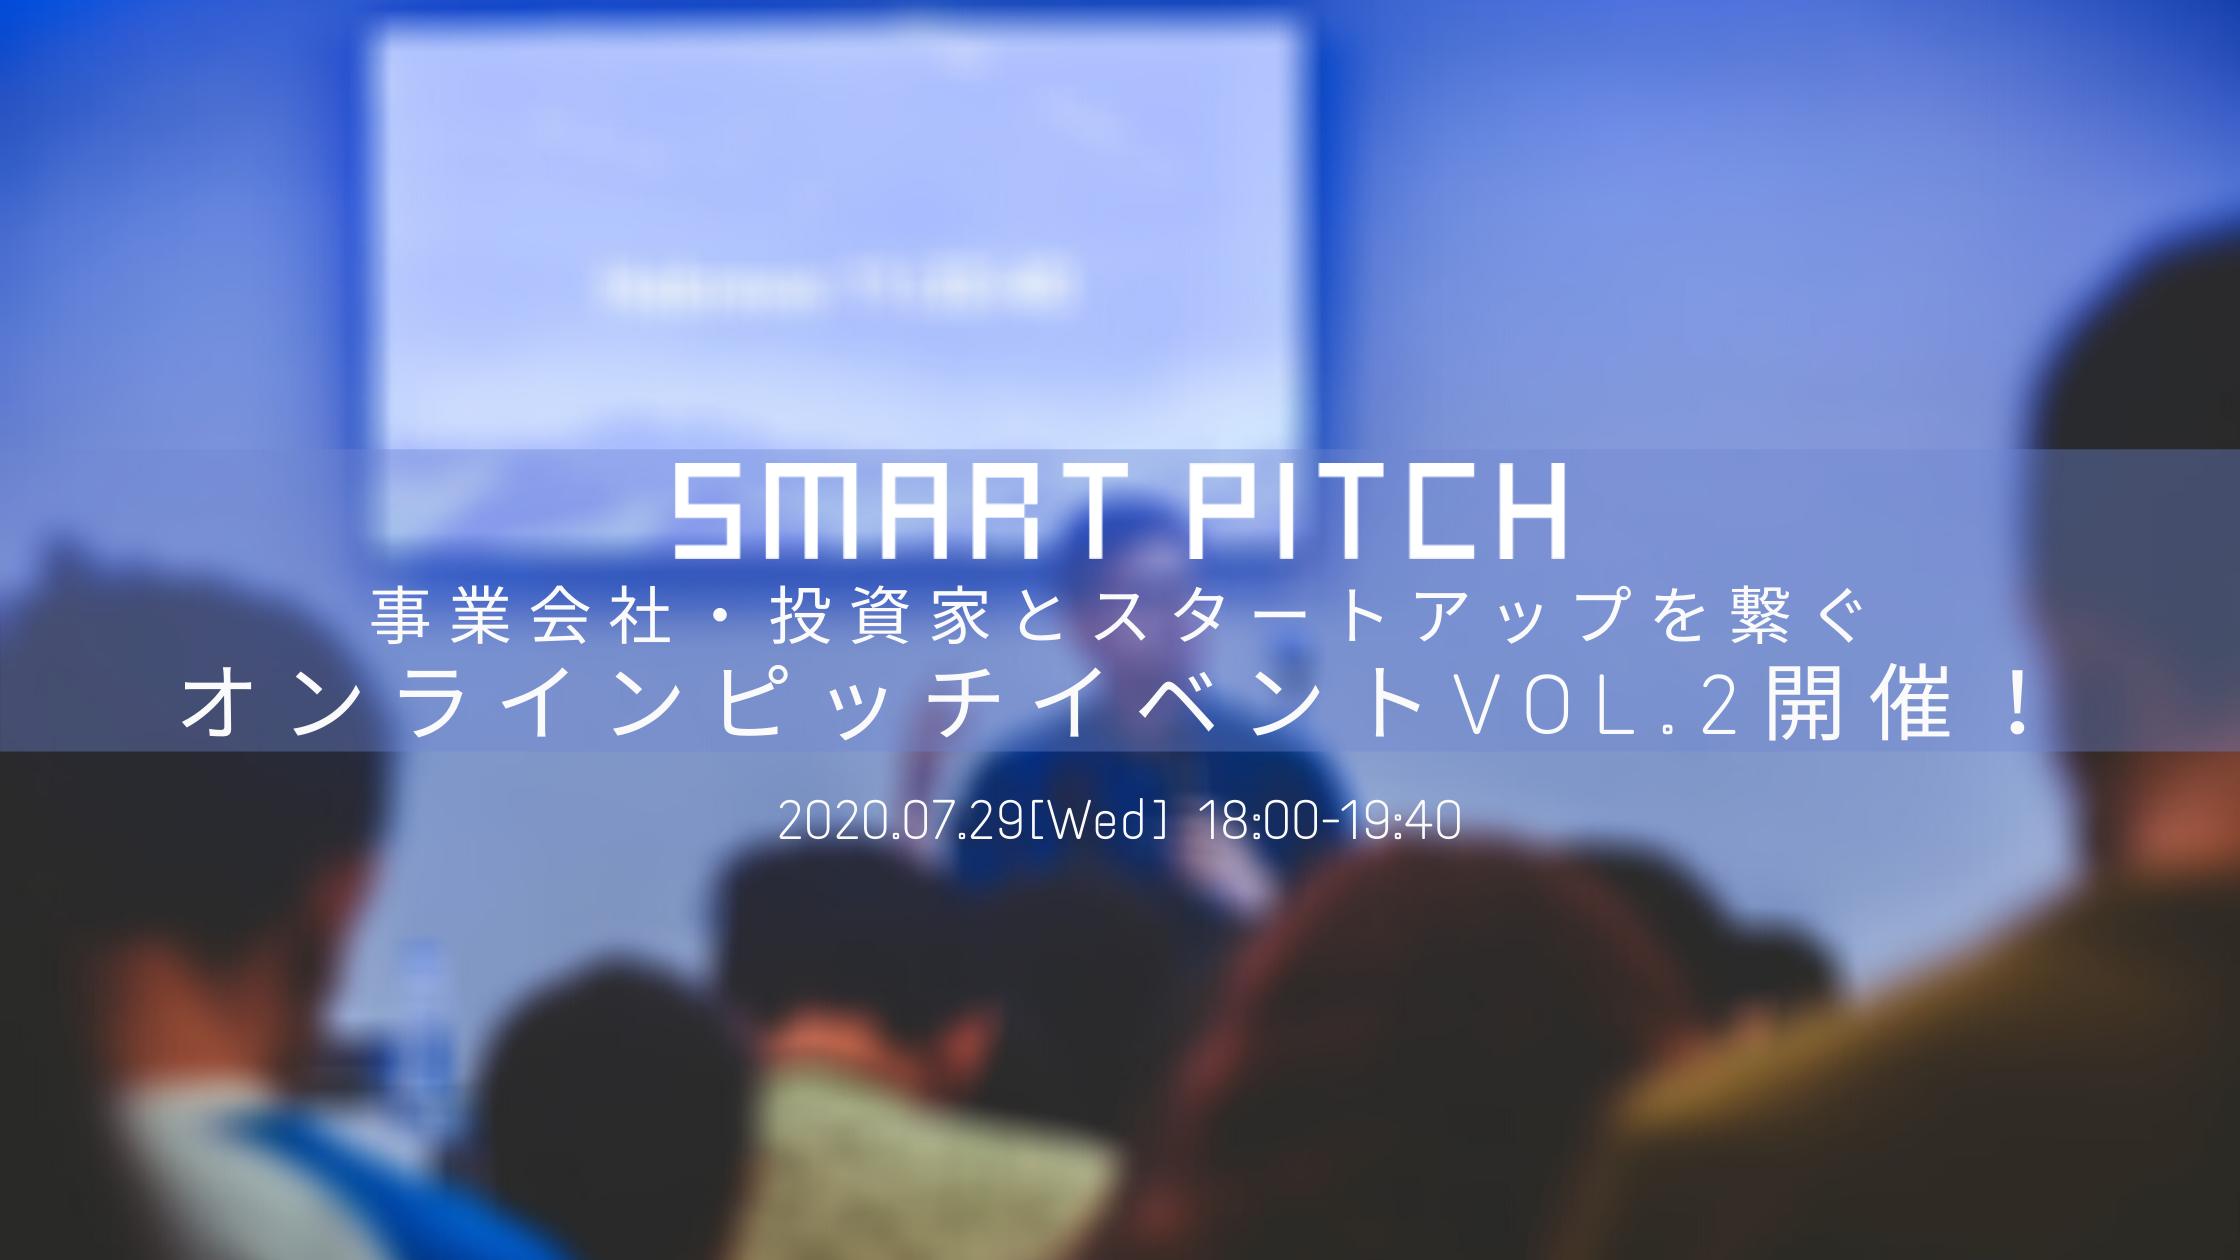 「SmartPitch」オンラインピッチイベントVol.2開催!